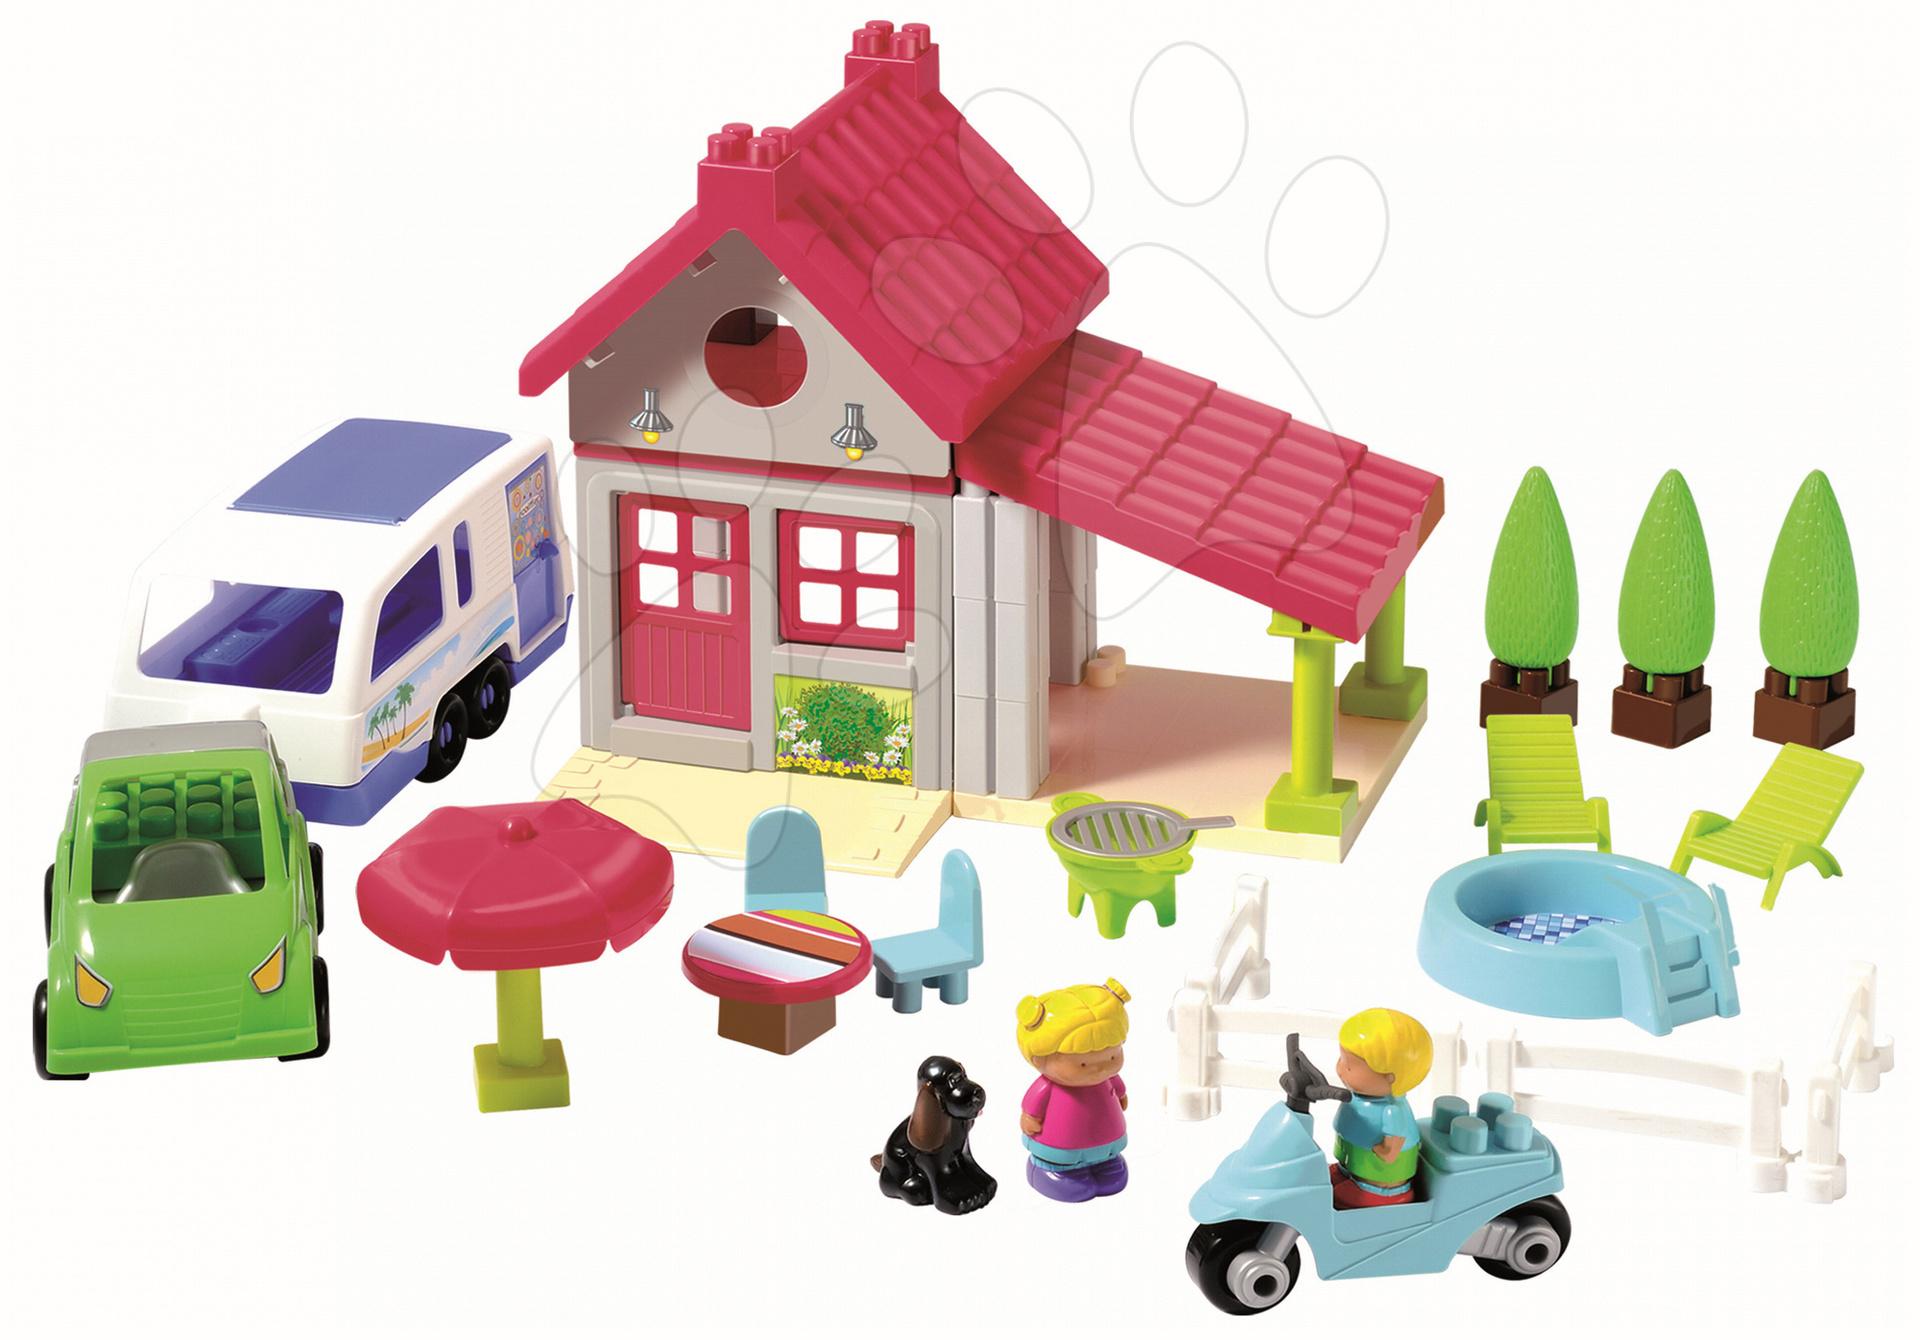 Stavebnice Abrick - Stavebnice Abrick - prázdninový domek Écoiffier 70 dílů od 18 měsíců